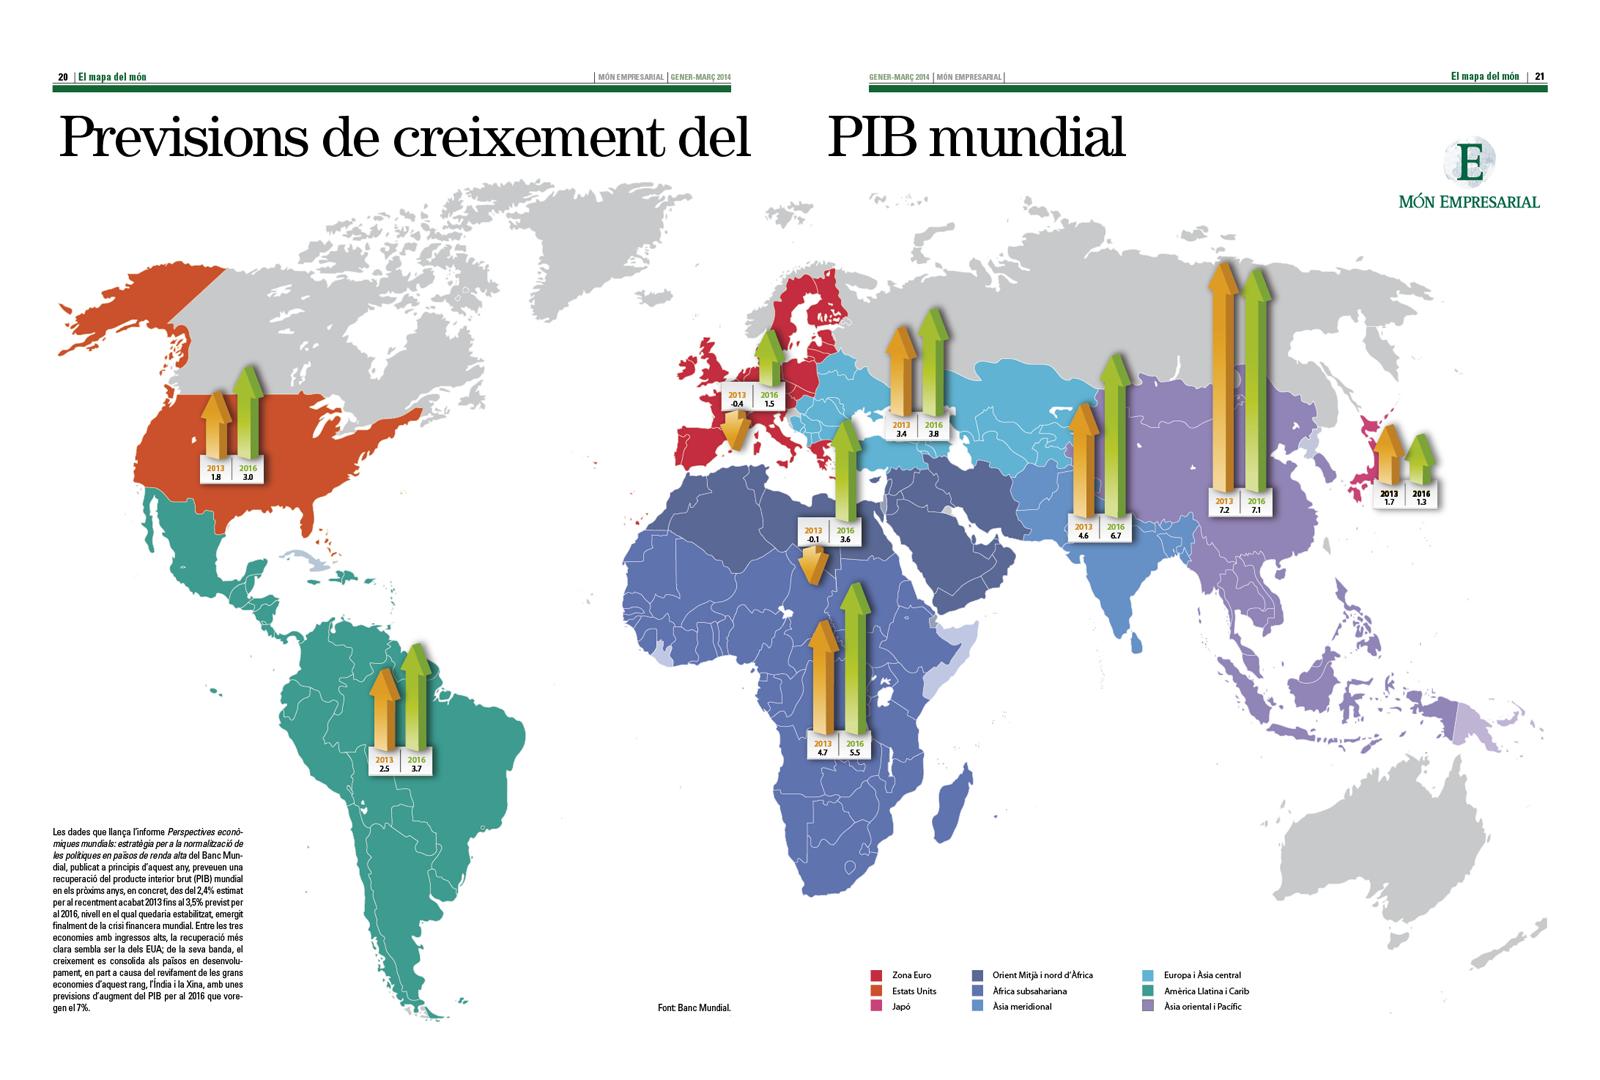 Previsions de creixement del PIB mundial